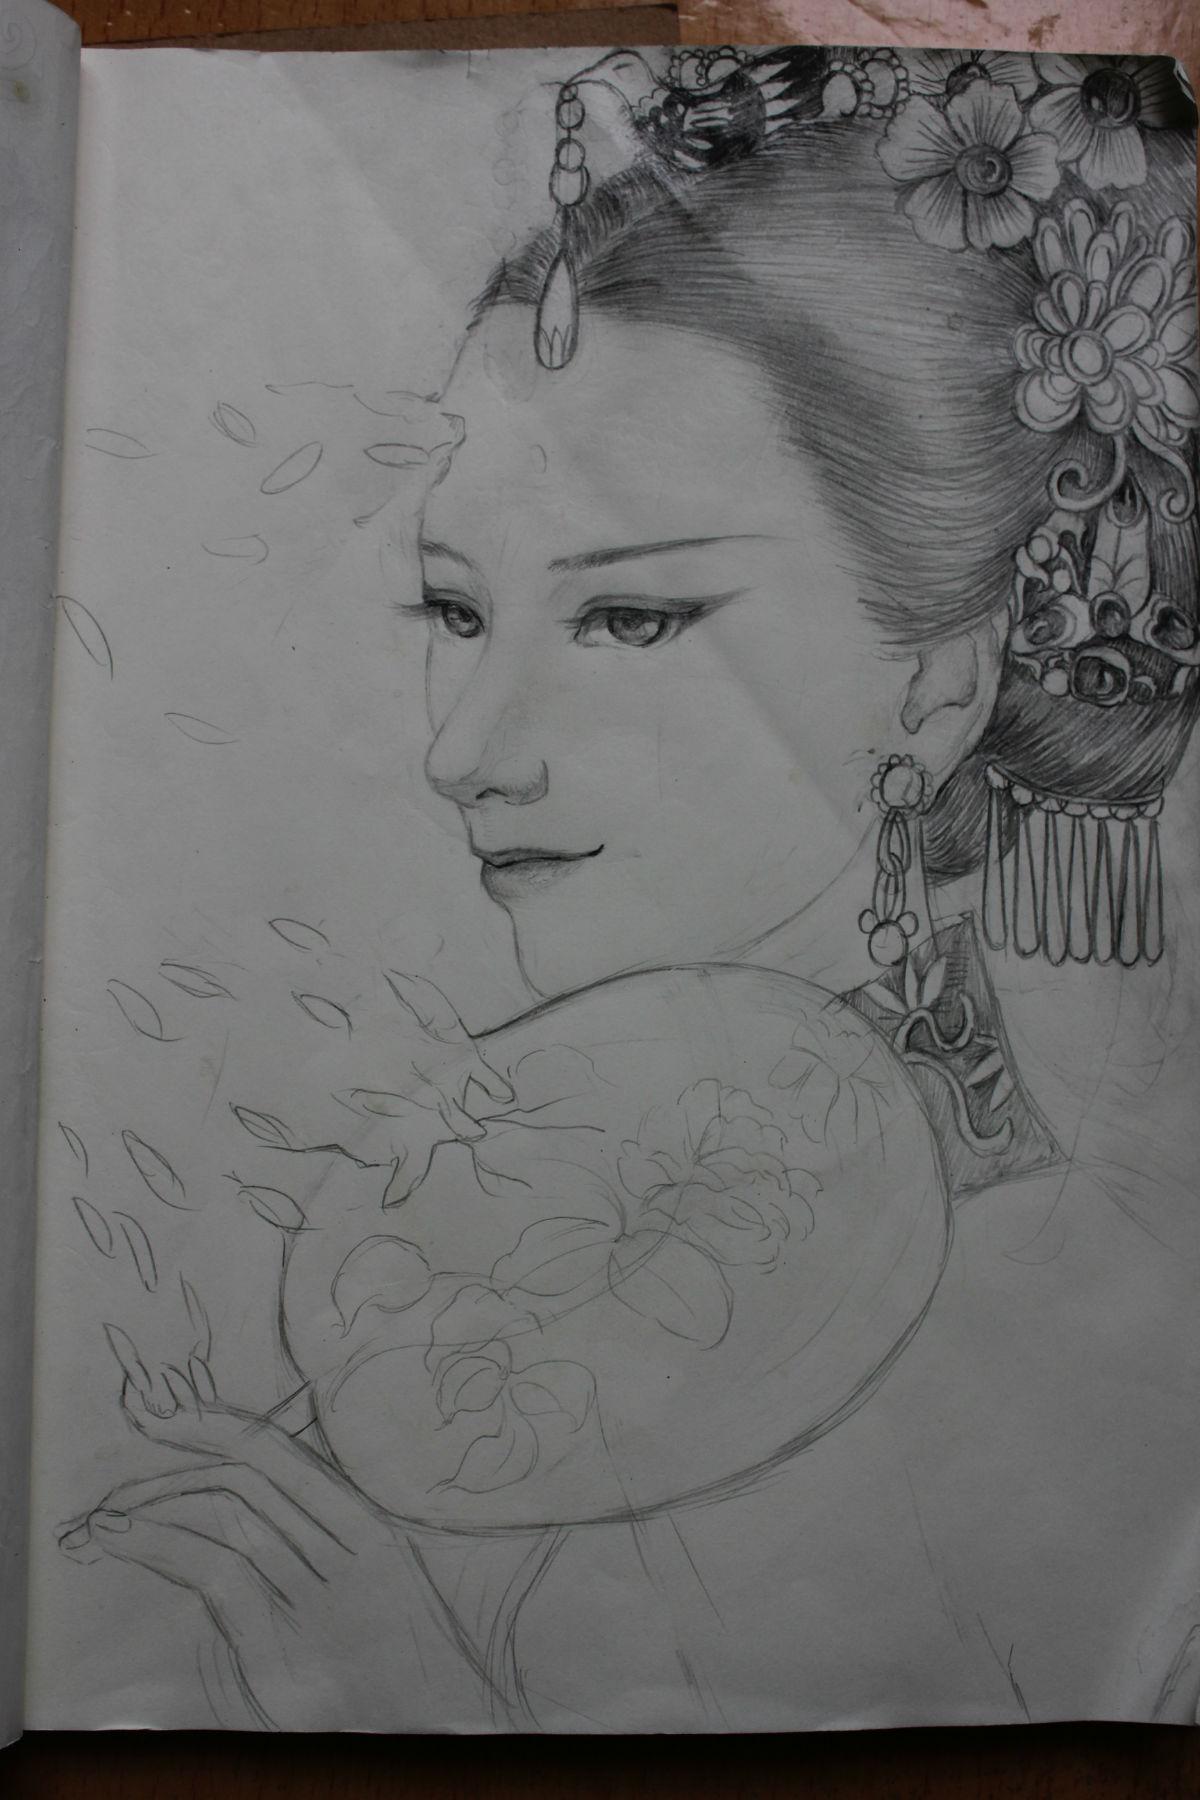 铅笔手绘黑白古装美女